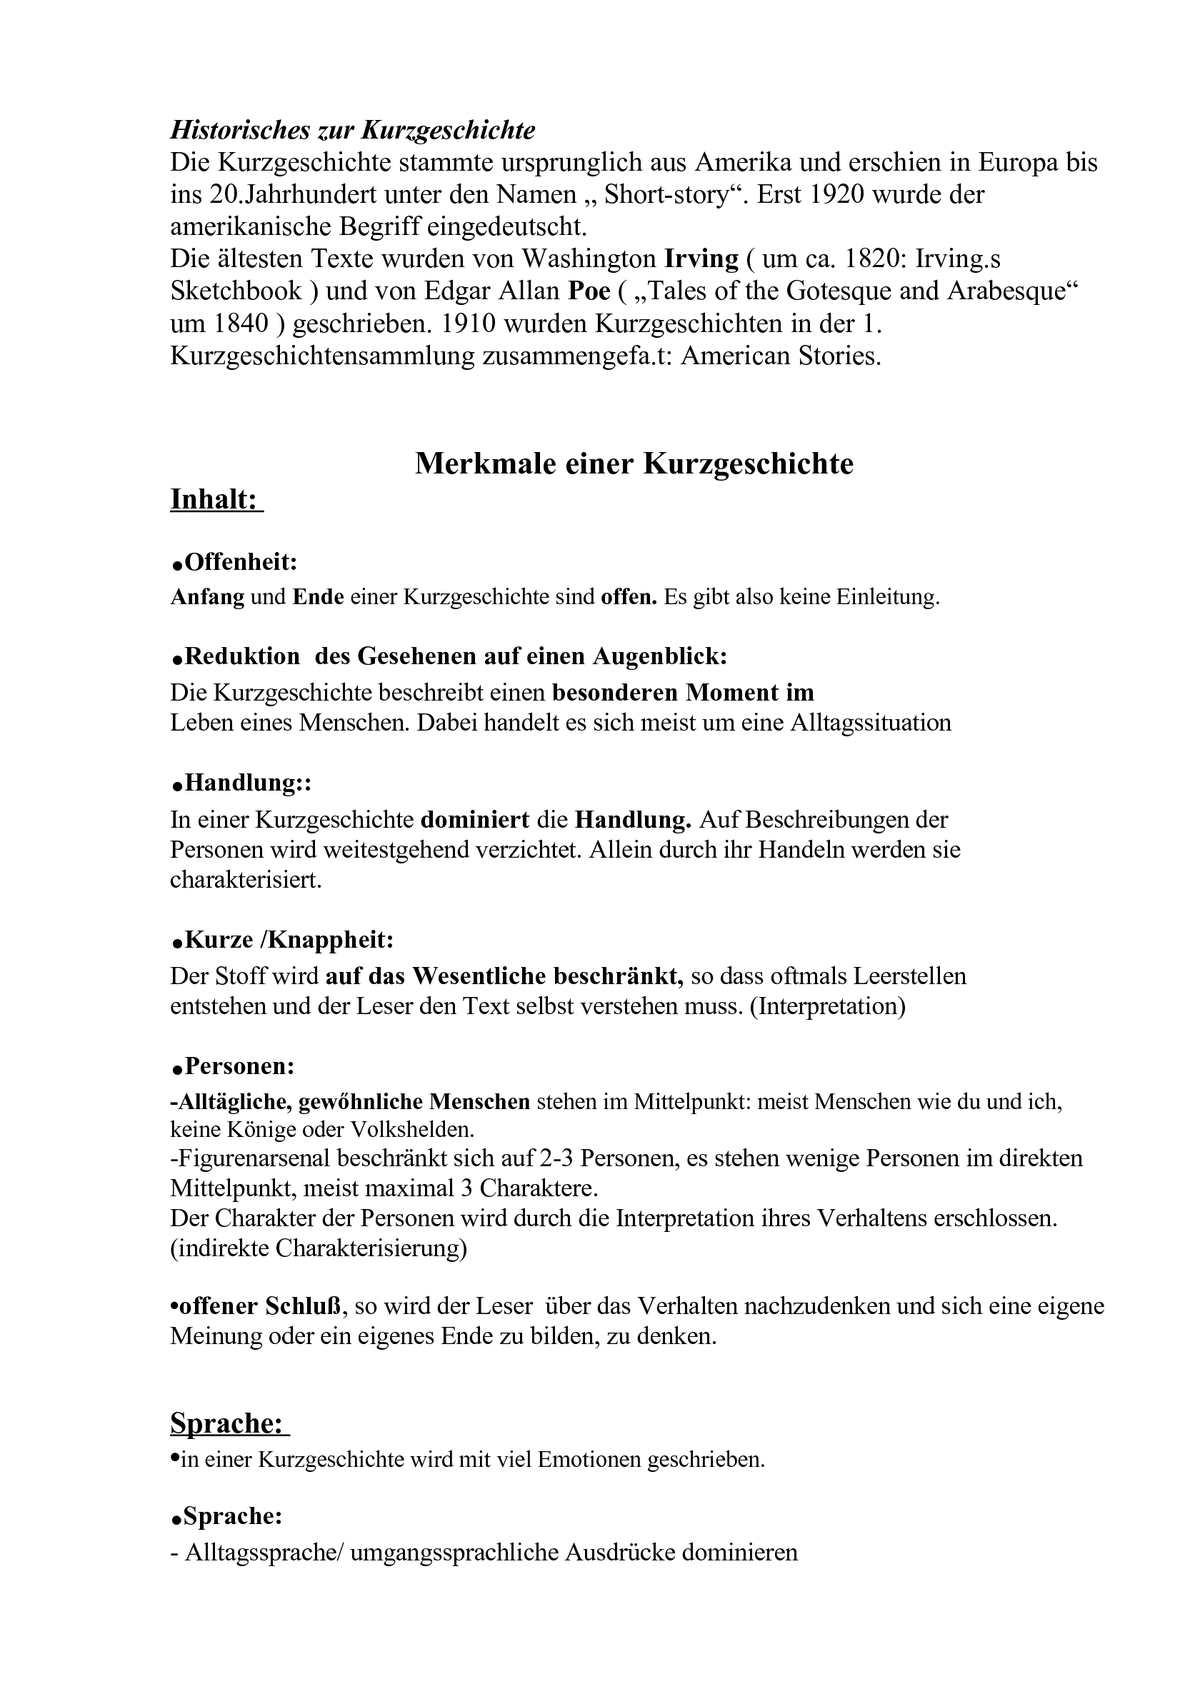 Arbeitsblatt Interpretation Kurzgeschichte : Calaméo wie schreibe ich eine interpretation einer